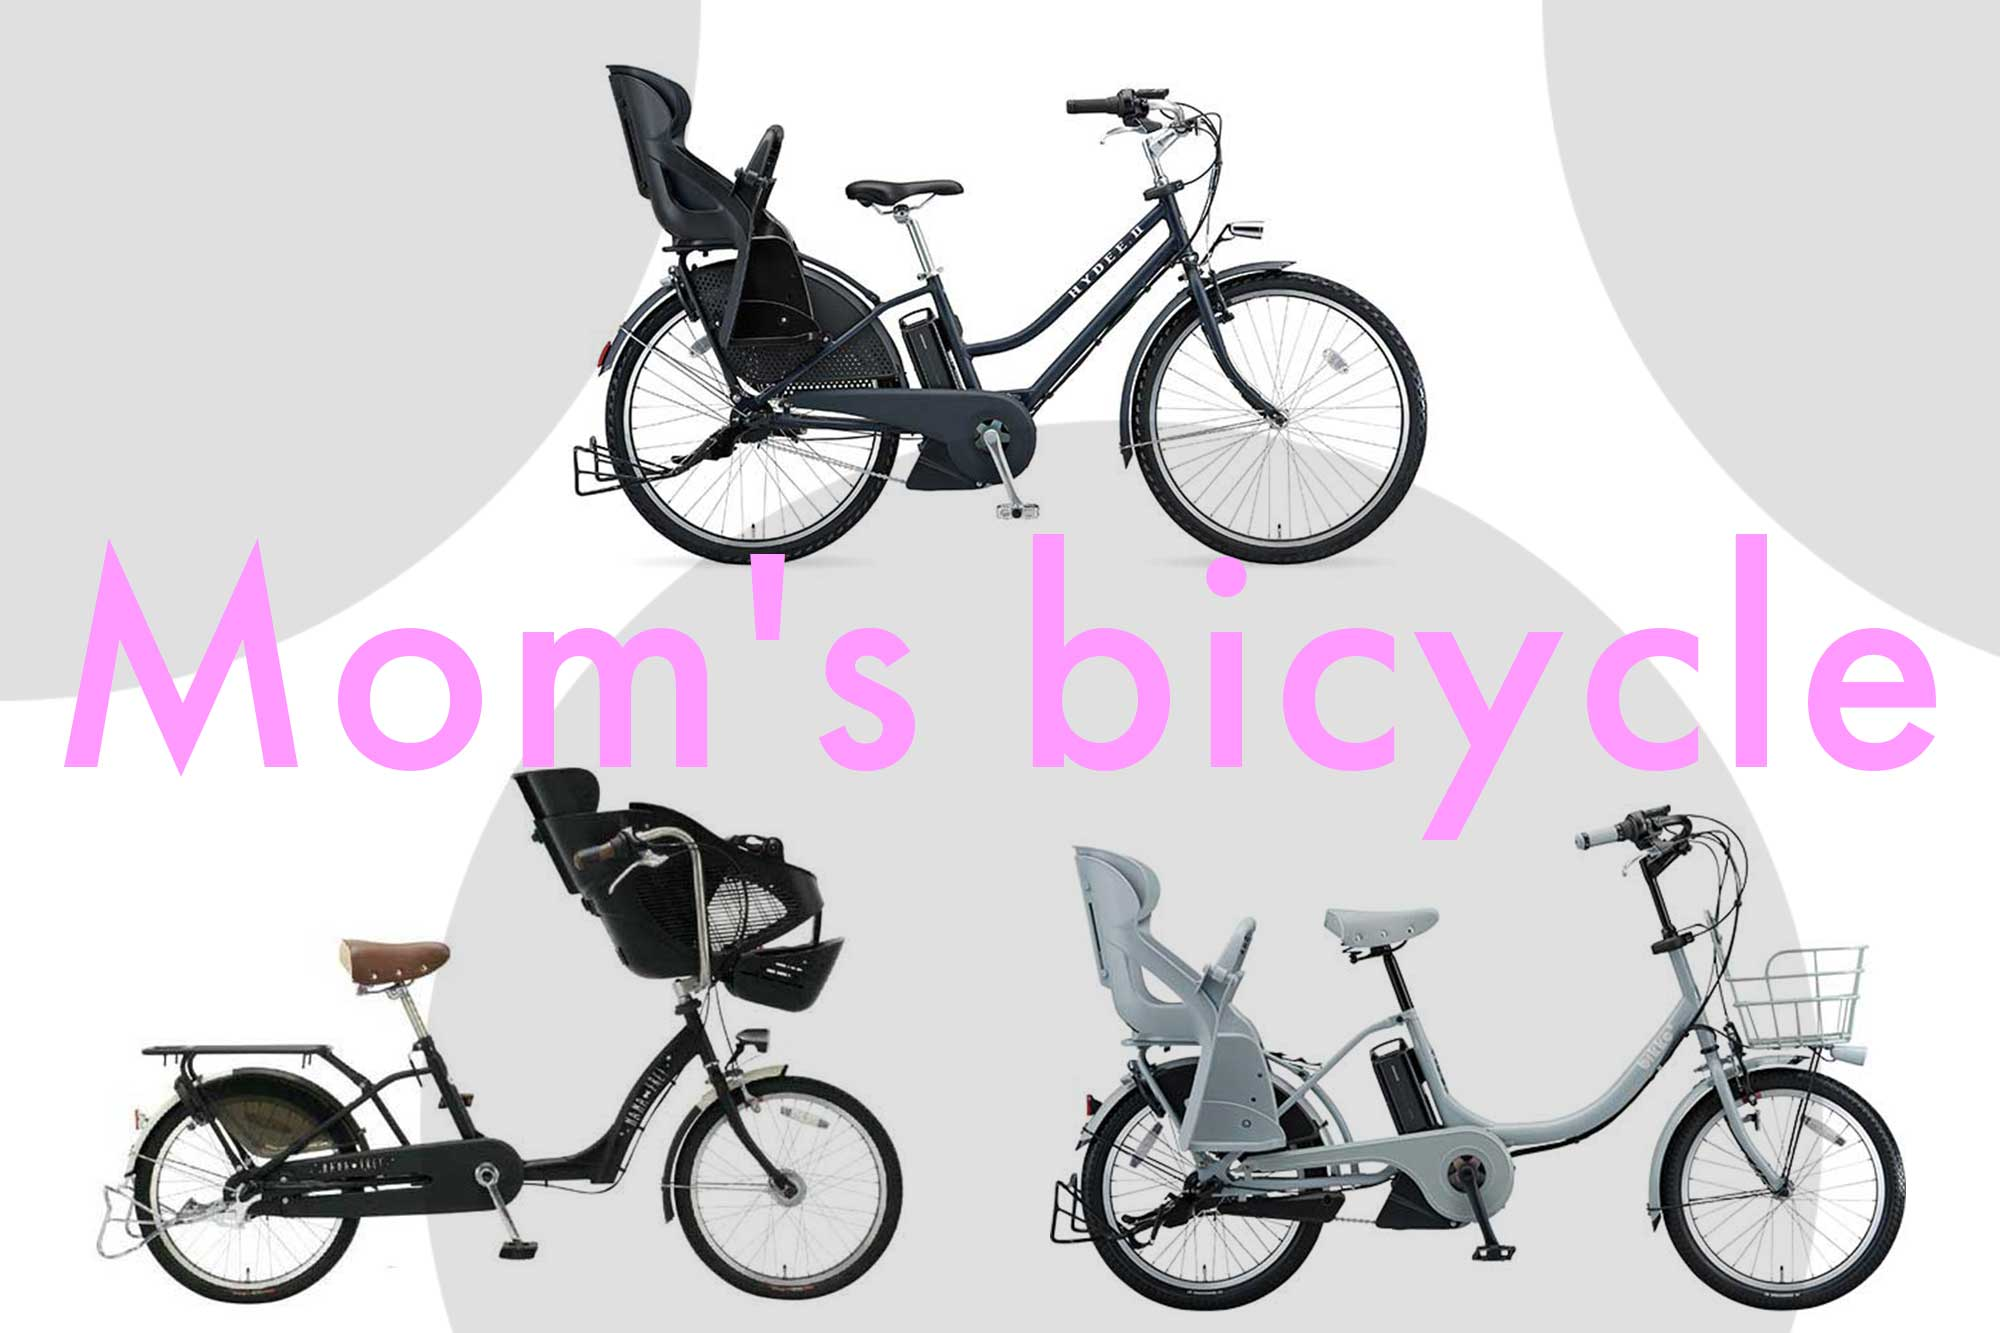 デザインの良い子ども乗せ自転車(ママチャリ・パパチャリ)を探してみました。電動はデザインがいい!